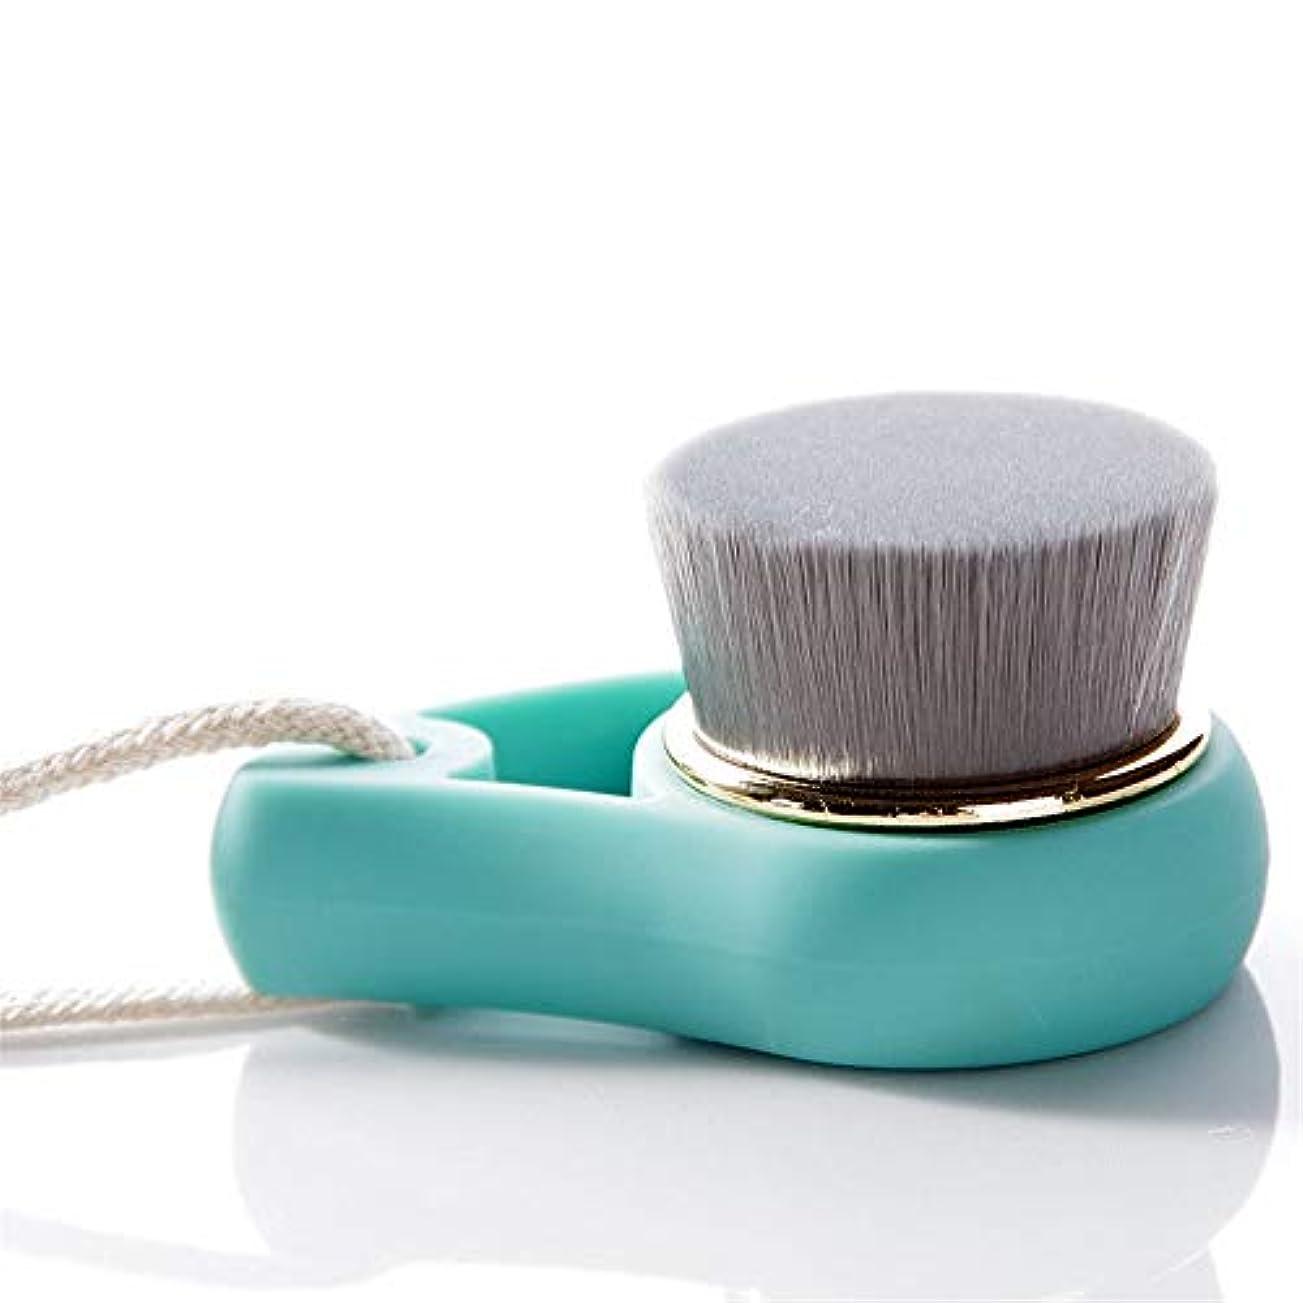 適切な固執アライメント洗顔ブラシ ソフト剛毛フェイスクリーニング美容ブラシ女性のクレンジングブラシ ディープクレンジングスキンケア用